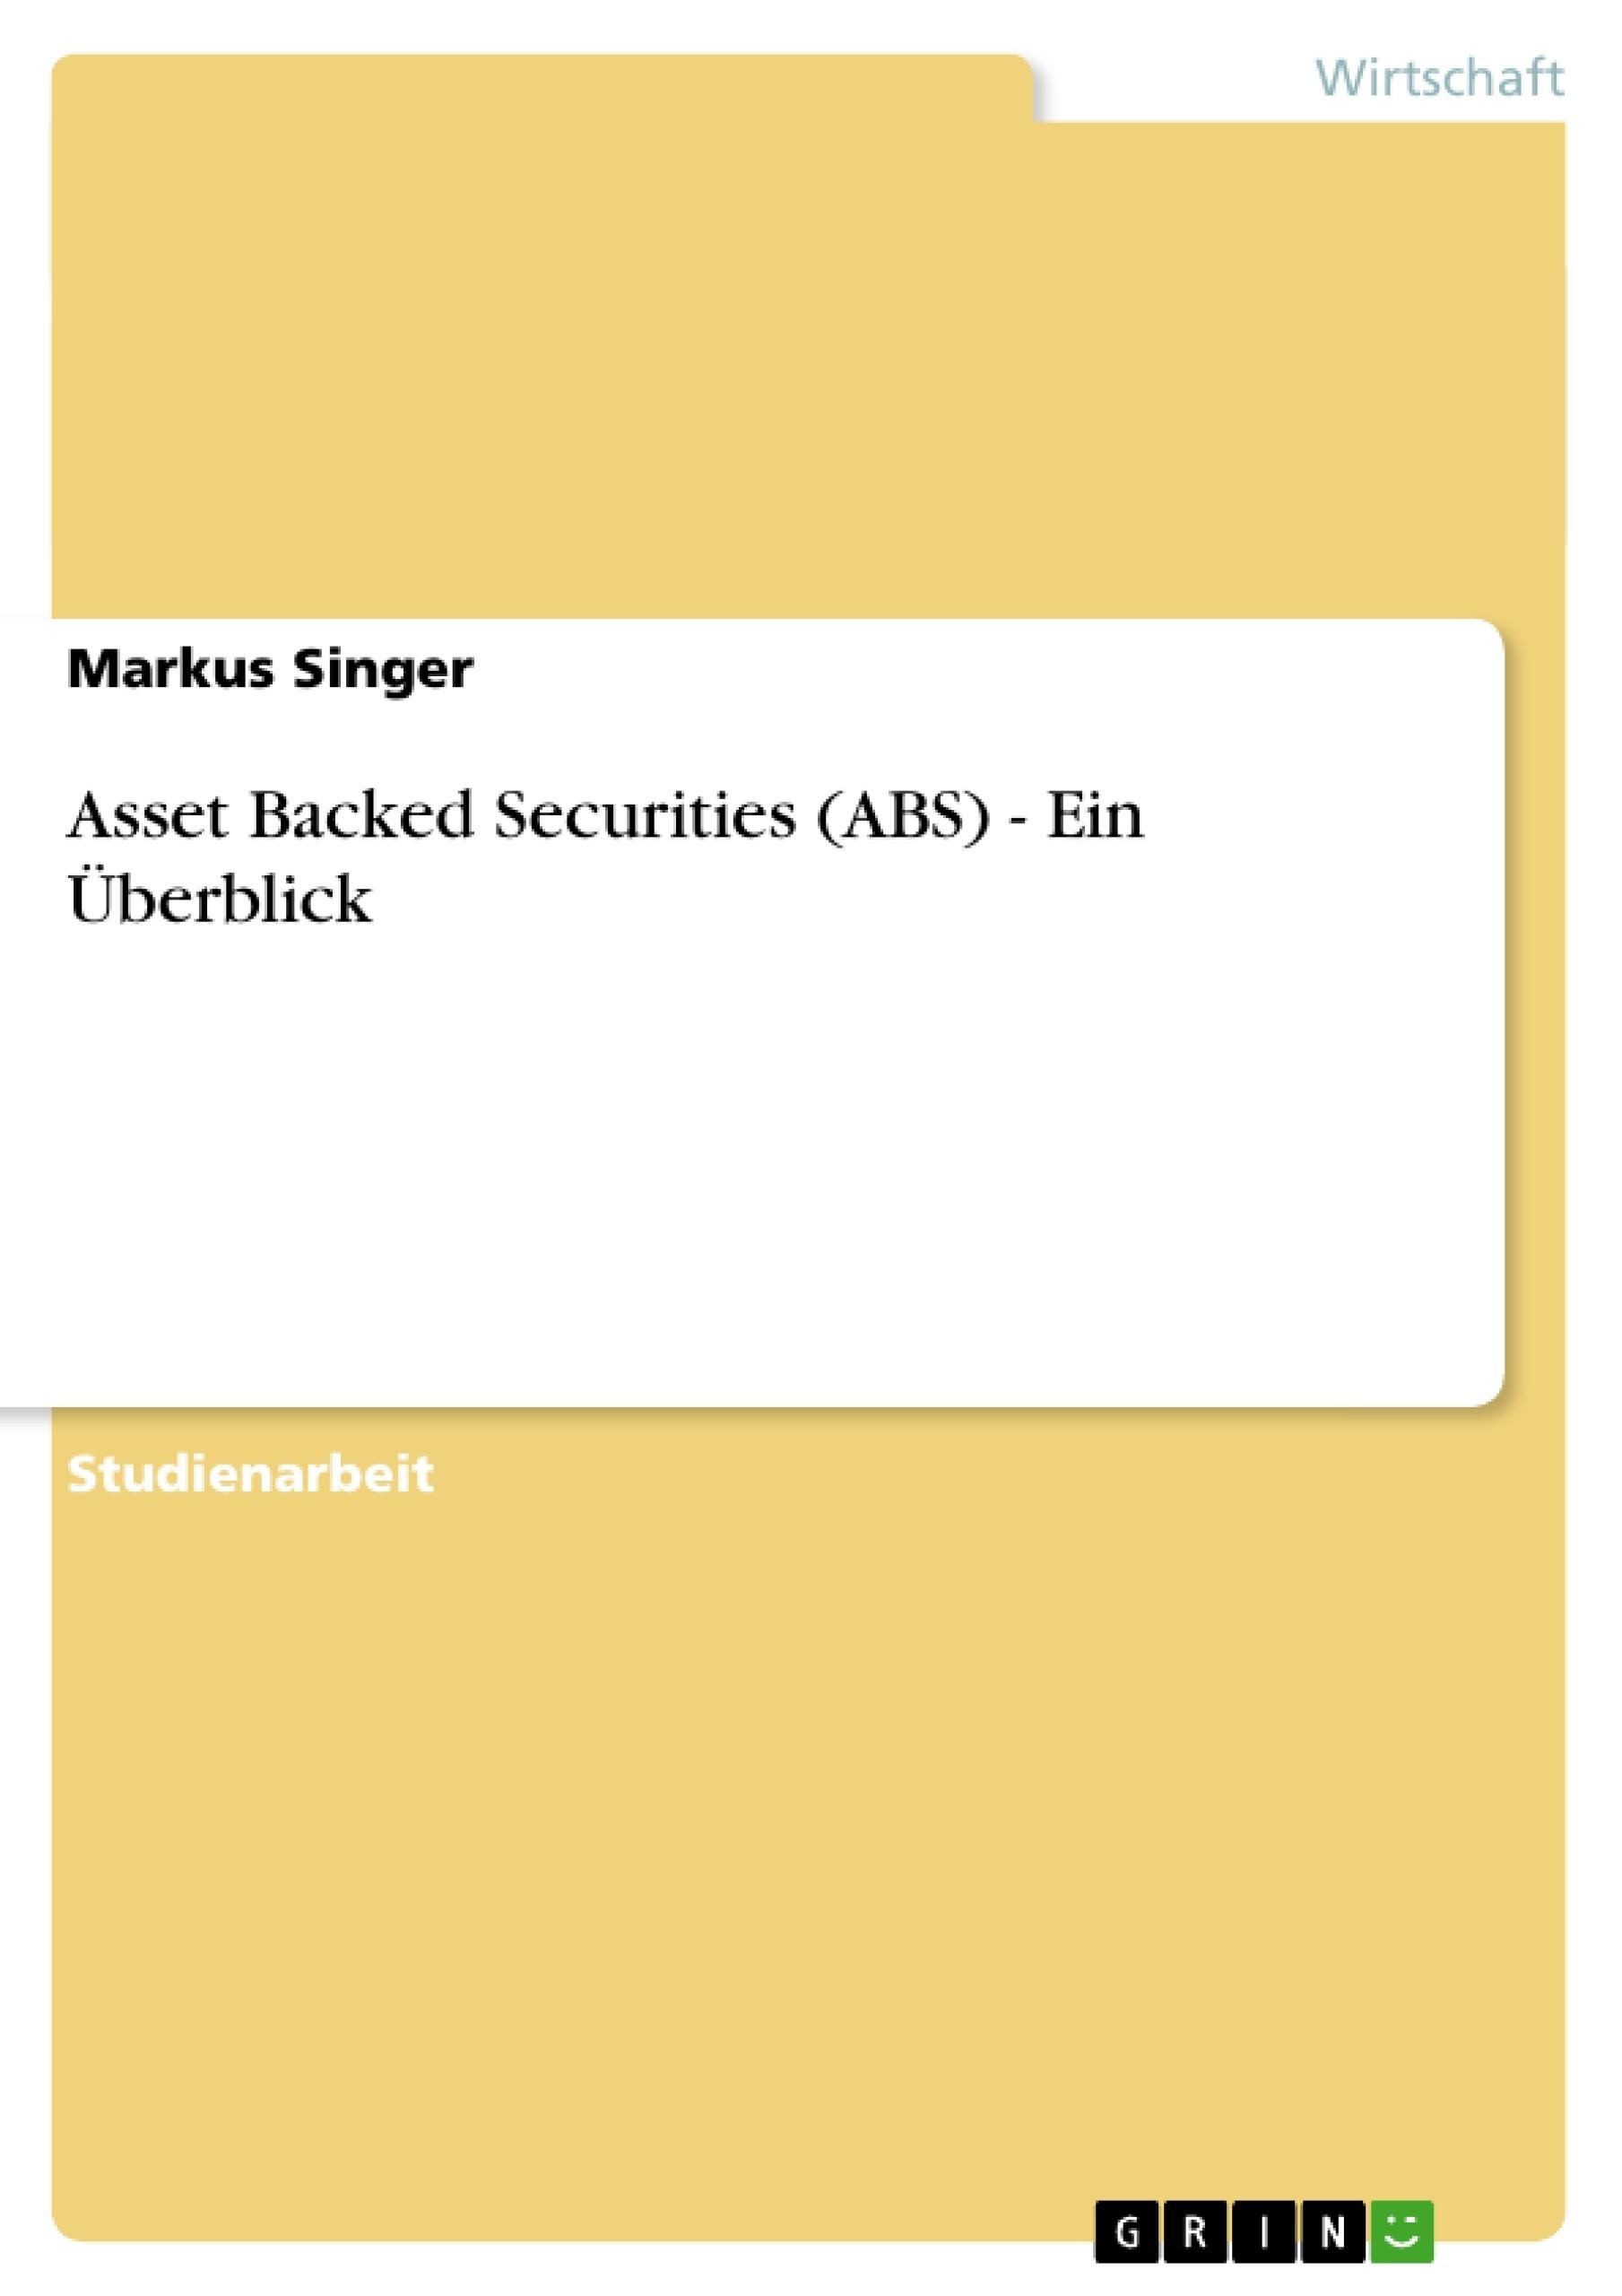 Titel: Asset Backed Securities (ABS) - Ein Überblick